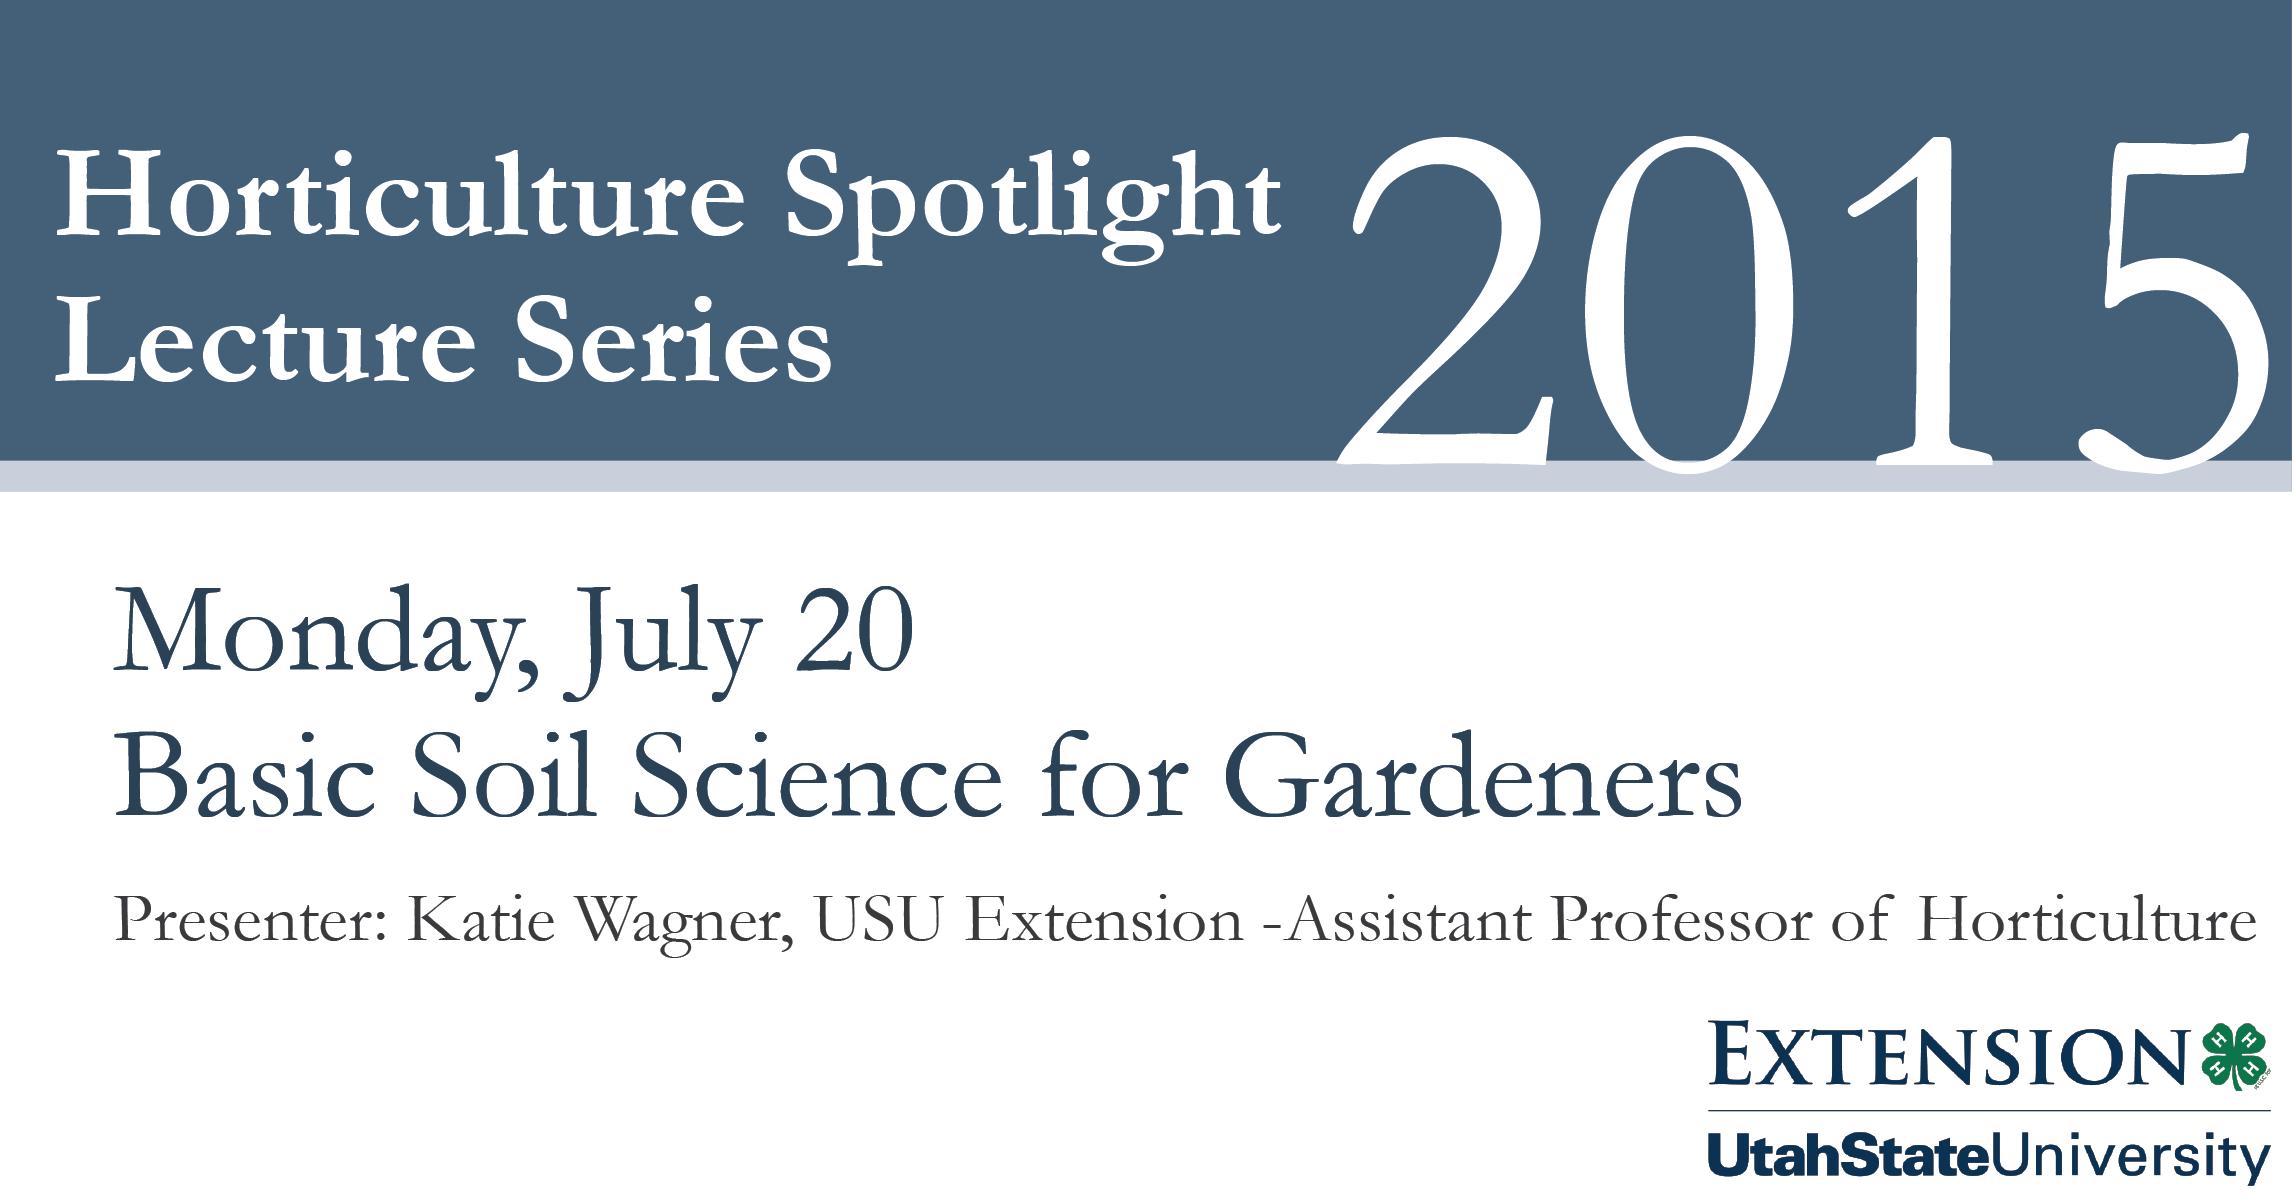 2015 horticulture spotlight series basic soil science for Soil tour dates 2015